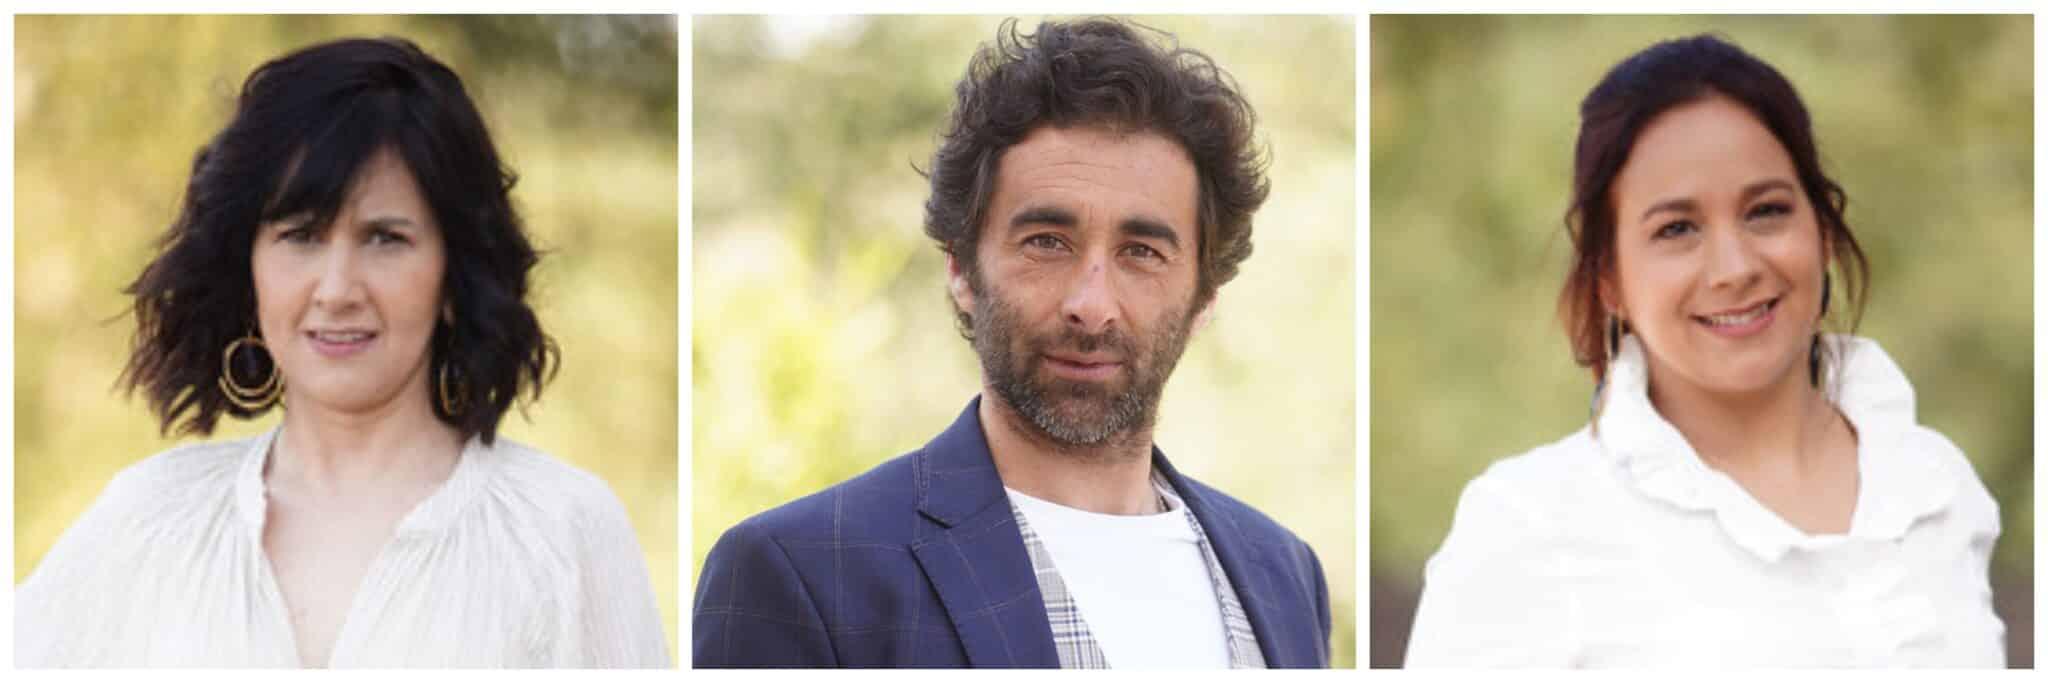 Ricardo-Bernardes-Mafalda-Yasmyni